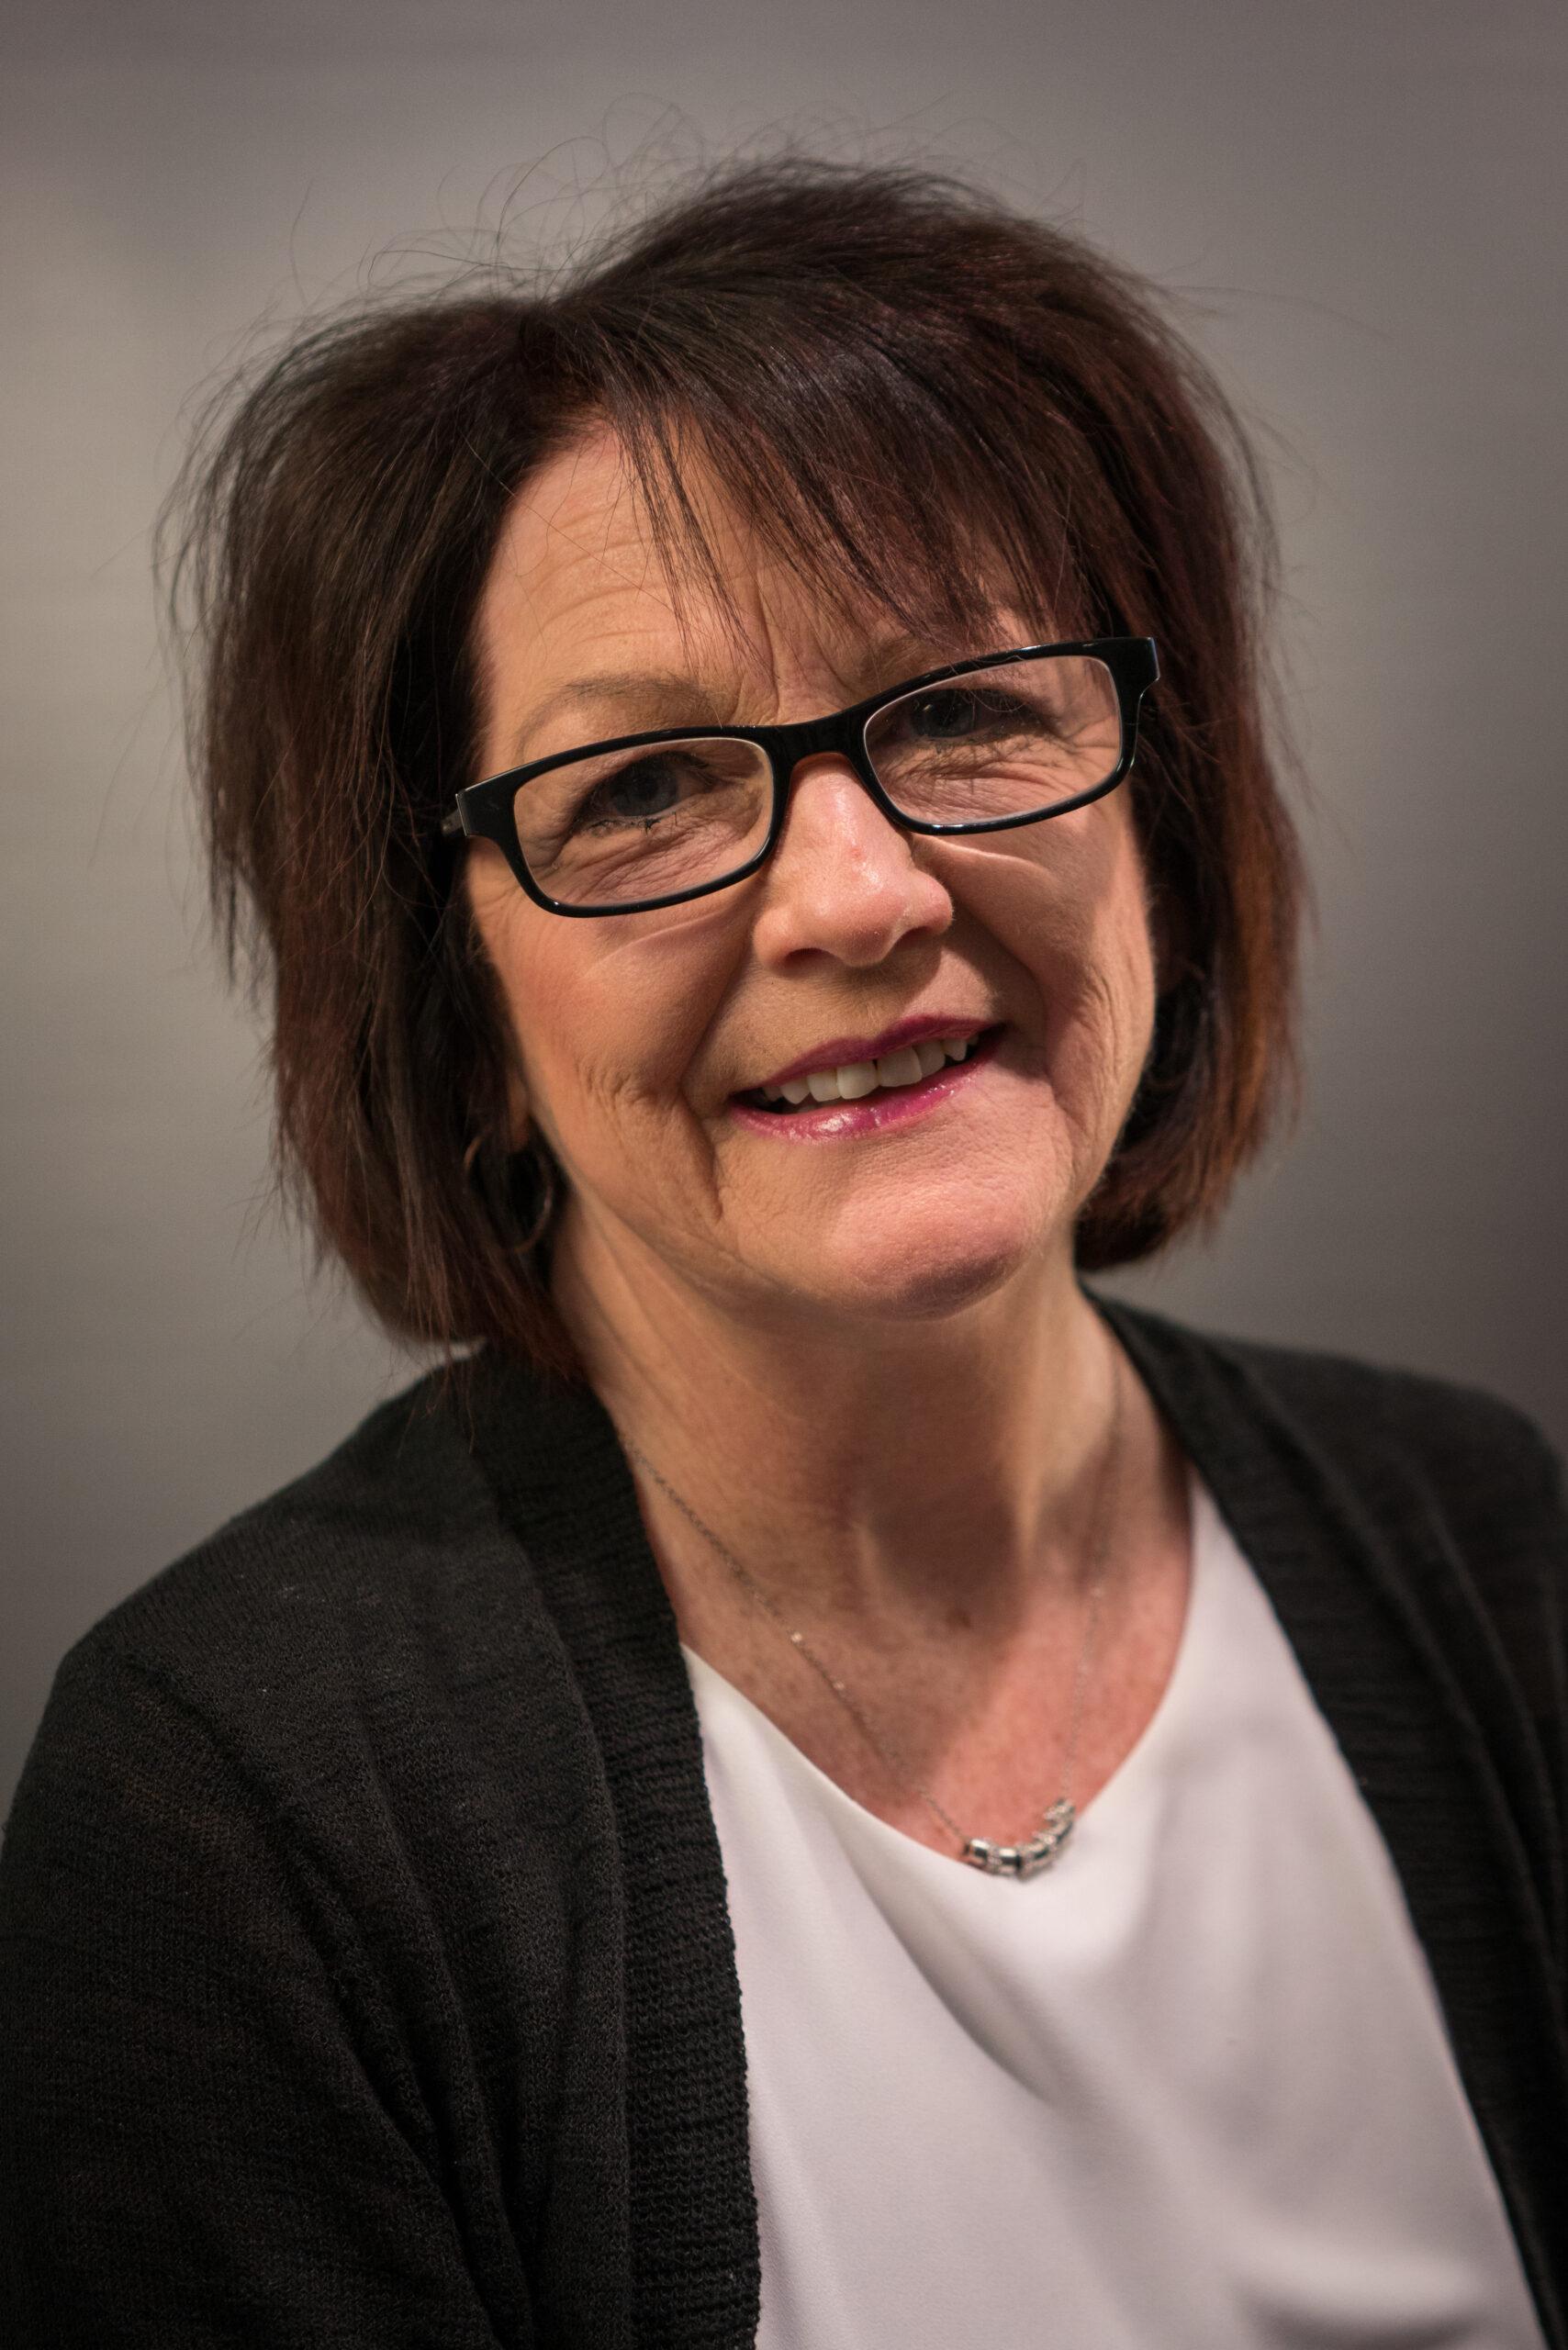 Stella Waugh